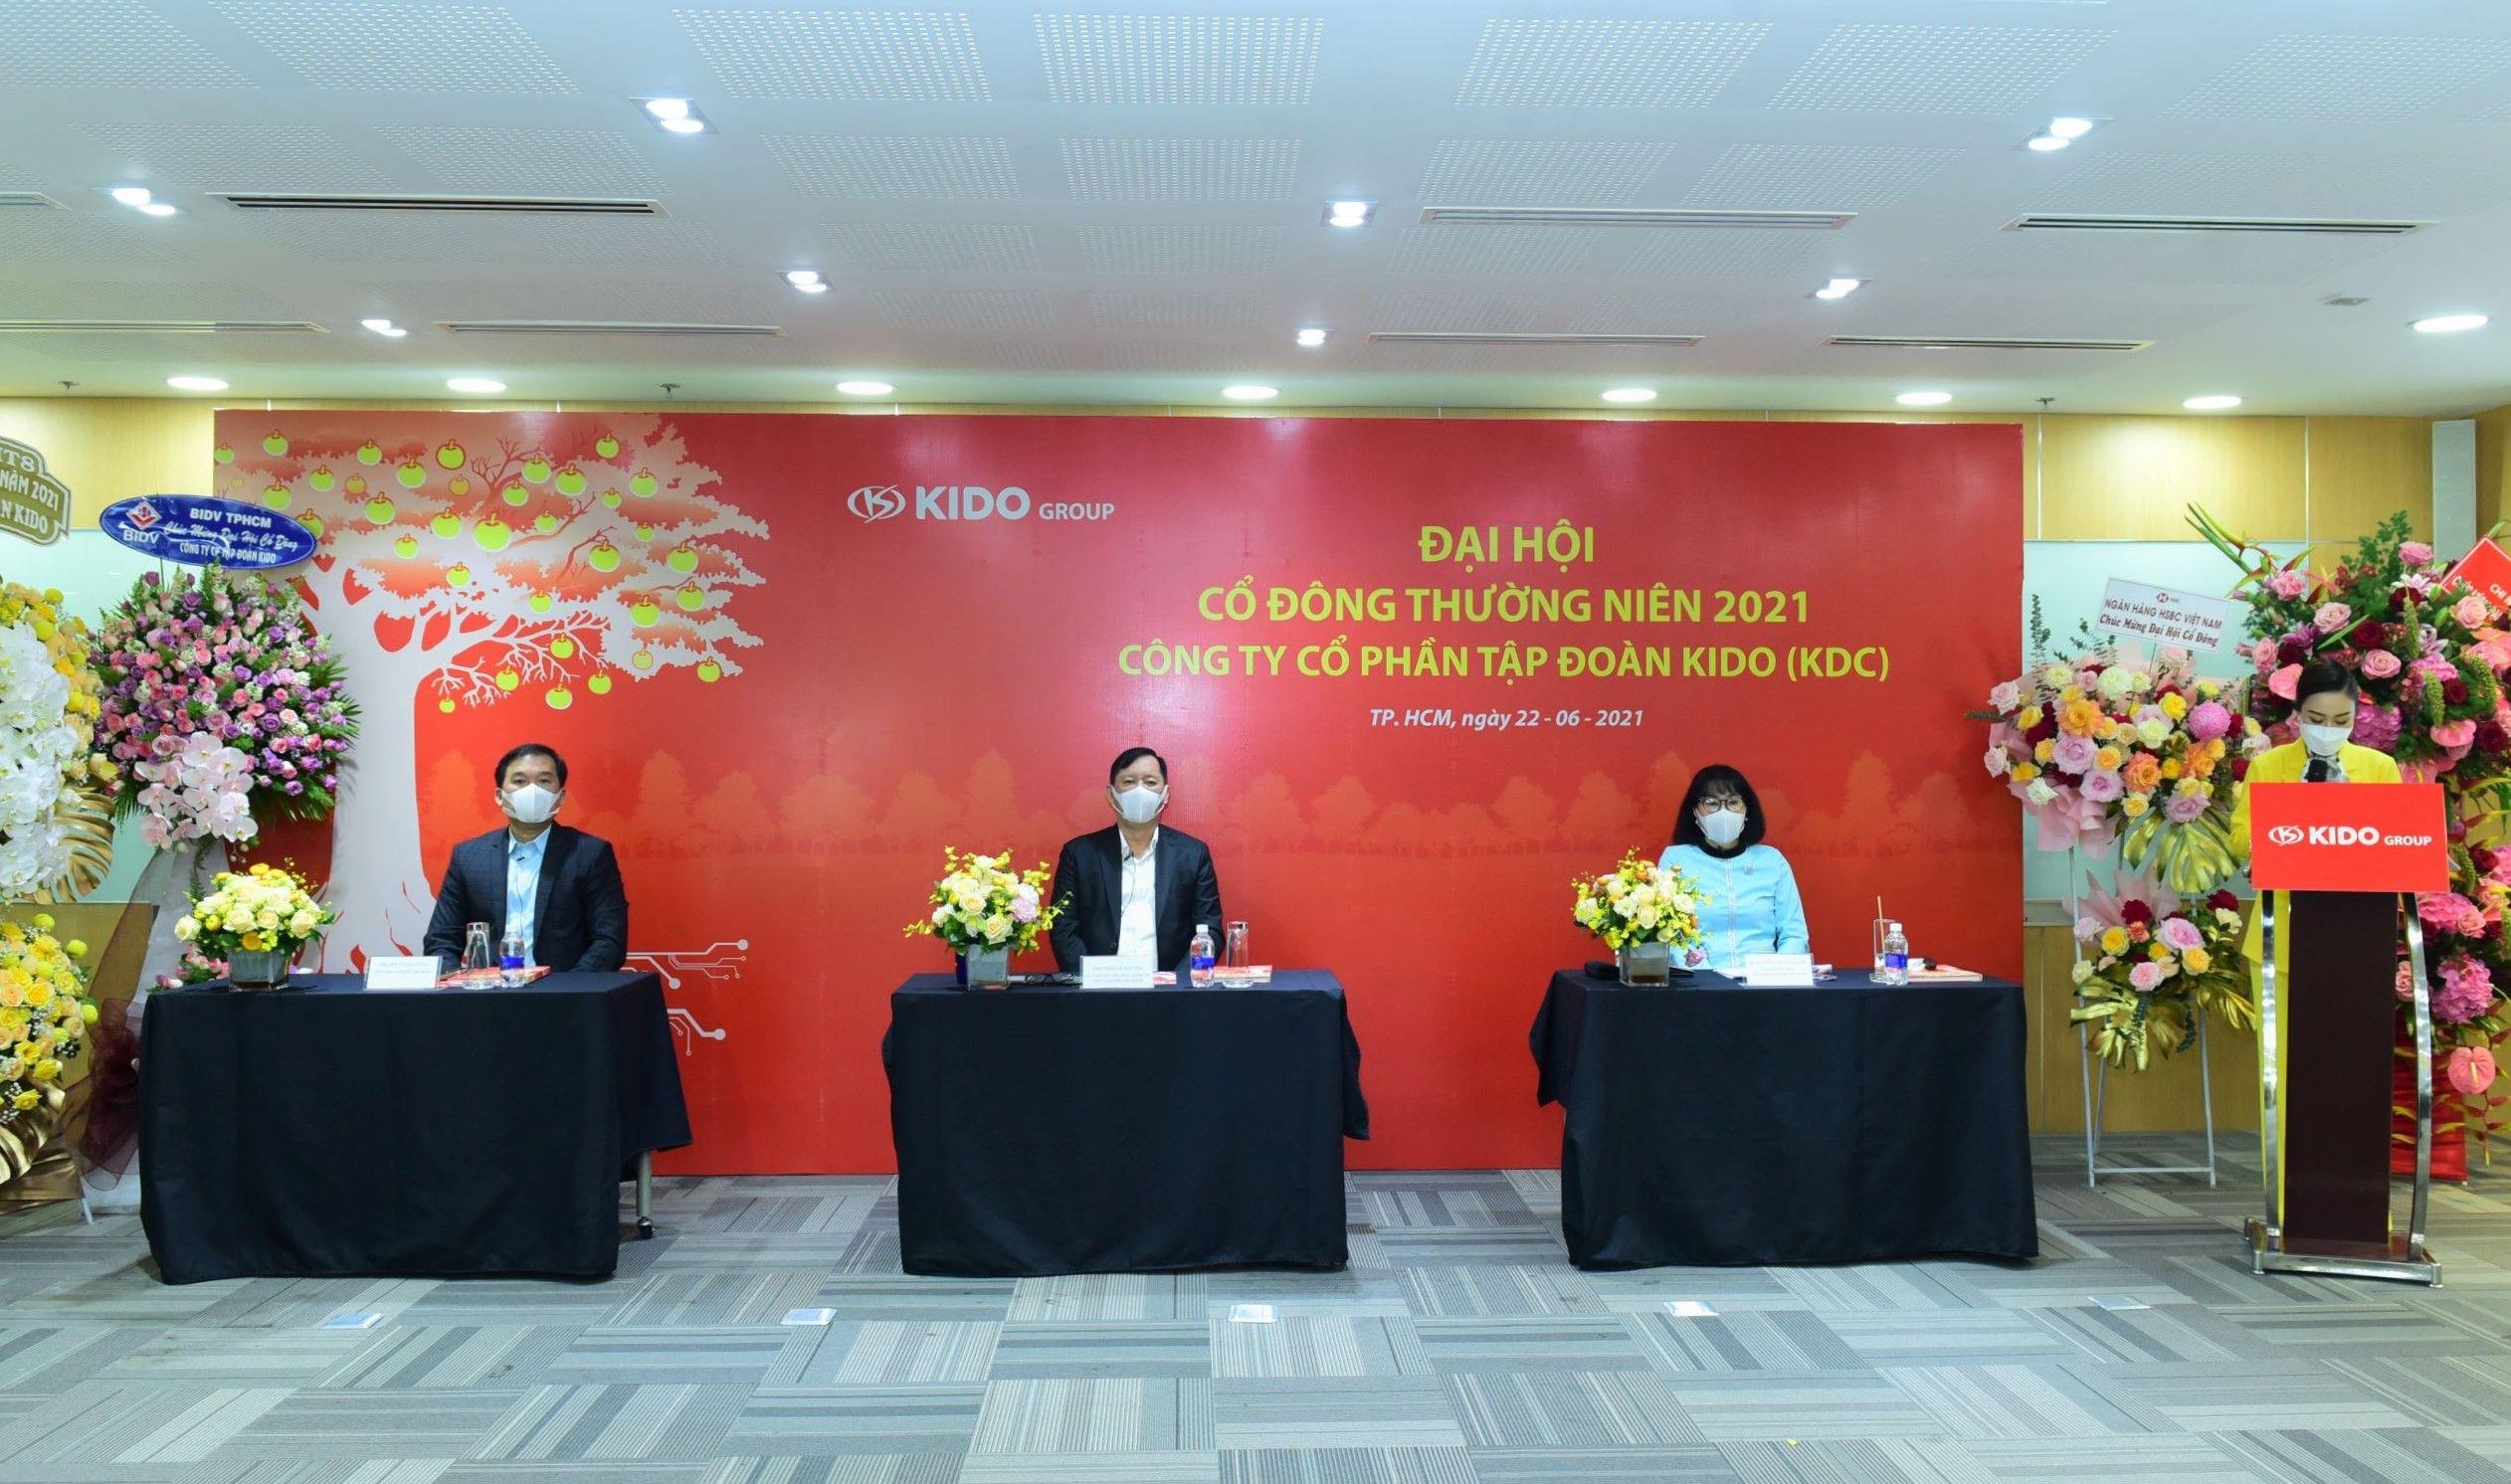 ĐHĐCĐ KIDO (KDC): Dịch Covid-19 làm trì hoãn nhiều kế hoạch, dự kiến tung loạt sản phẩm mới từ thương hiệu Vibev, bánh tươi đến chuỗi F&B Chuk Chuk ngay quý 3/2021